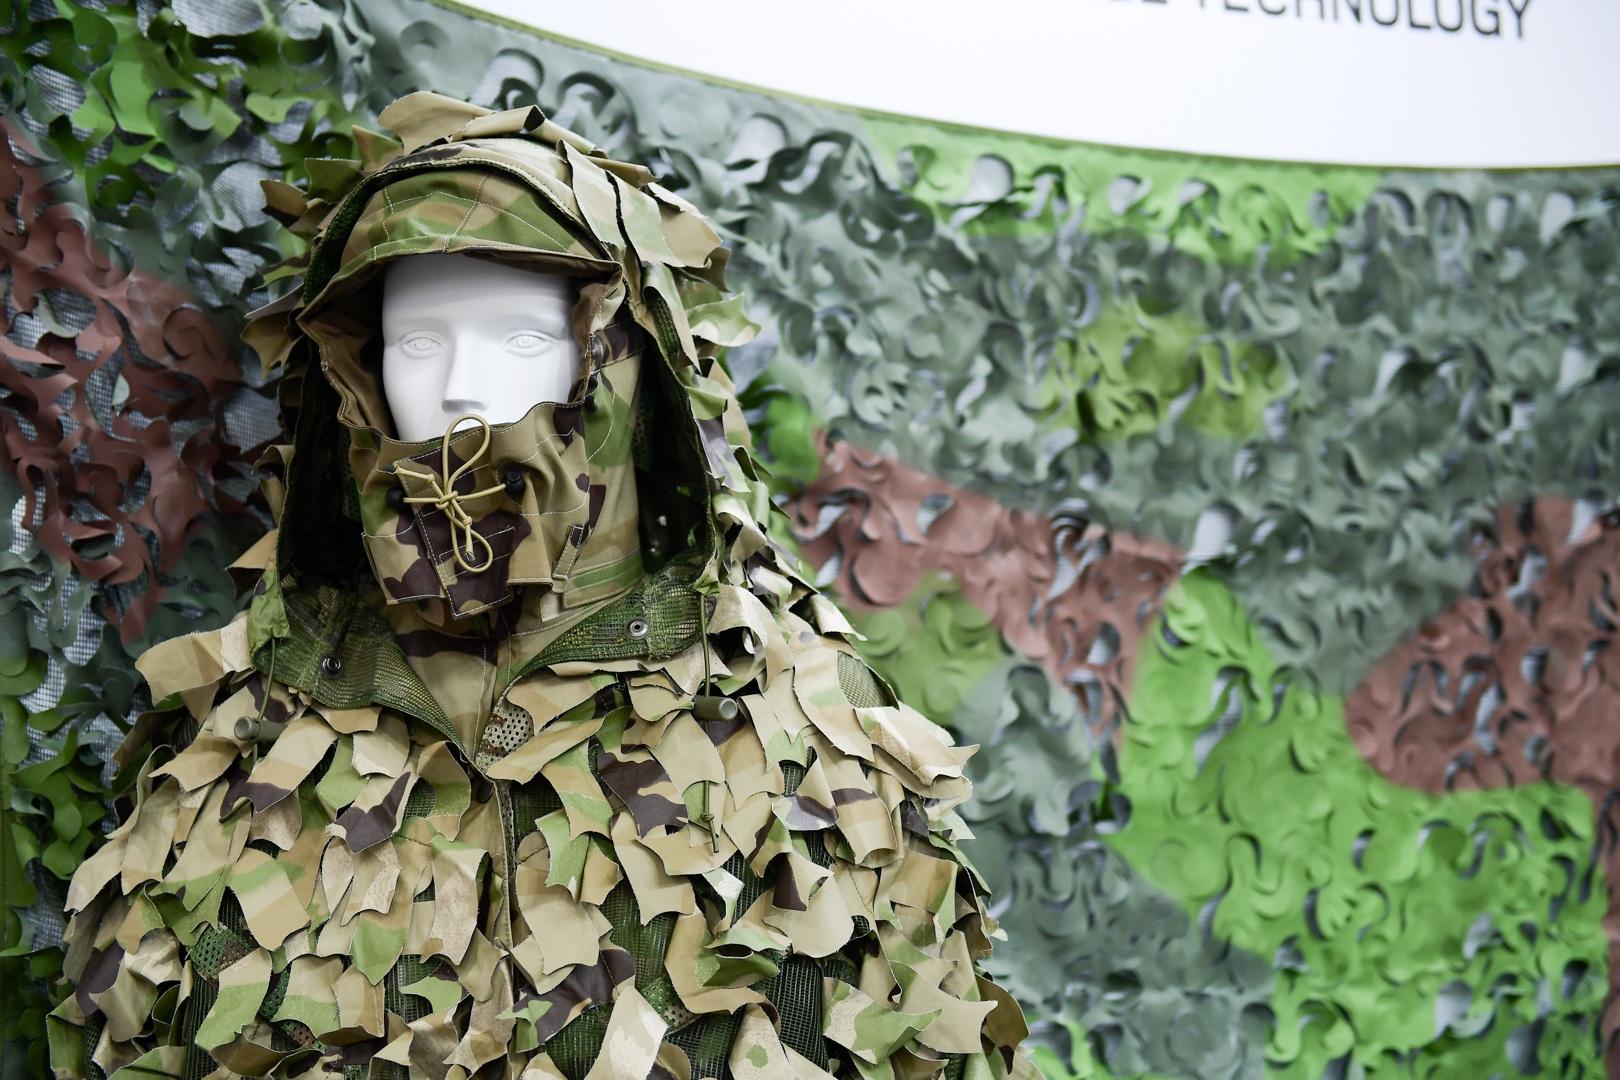 Ngắm những vũ khí tối tân tại Triển lãm Quốc phòng và An ninh Việt Nam 2019 - 16